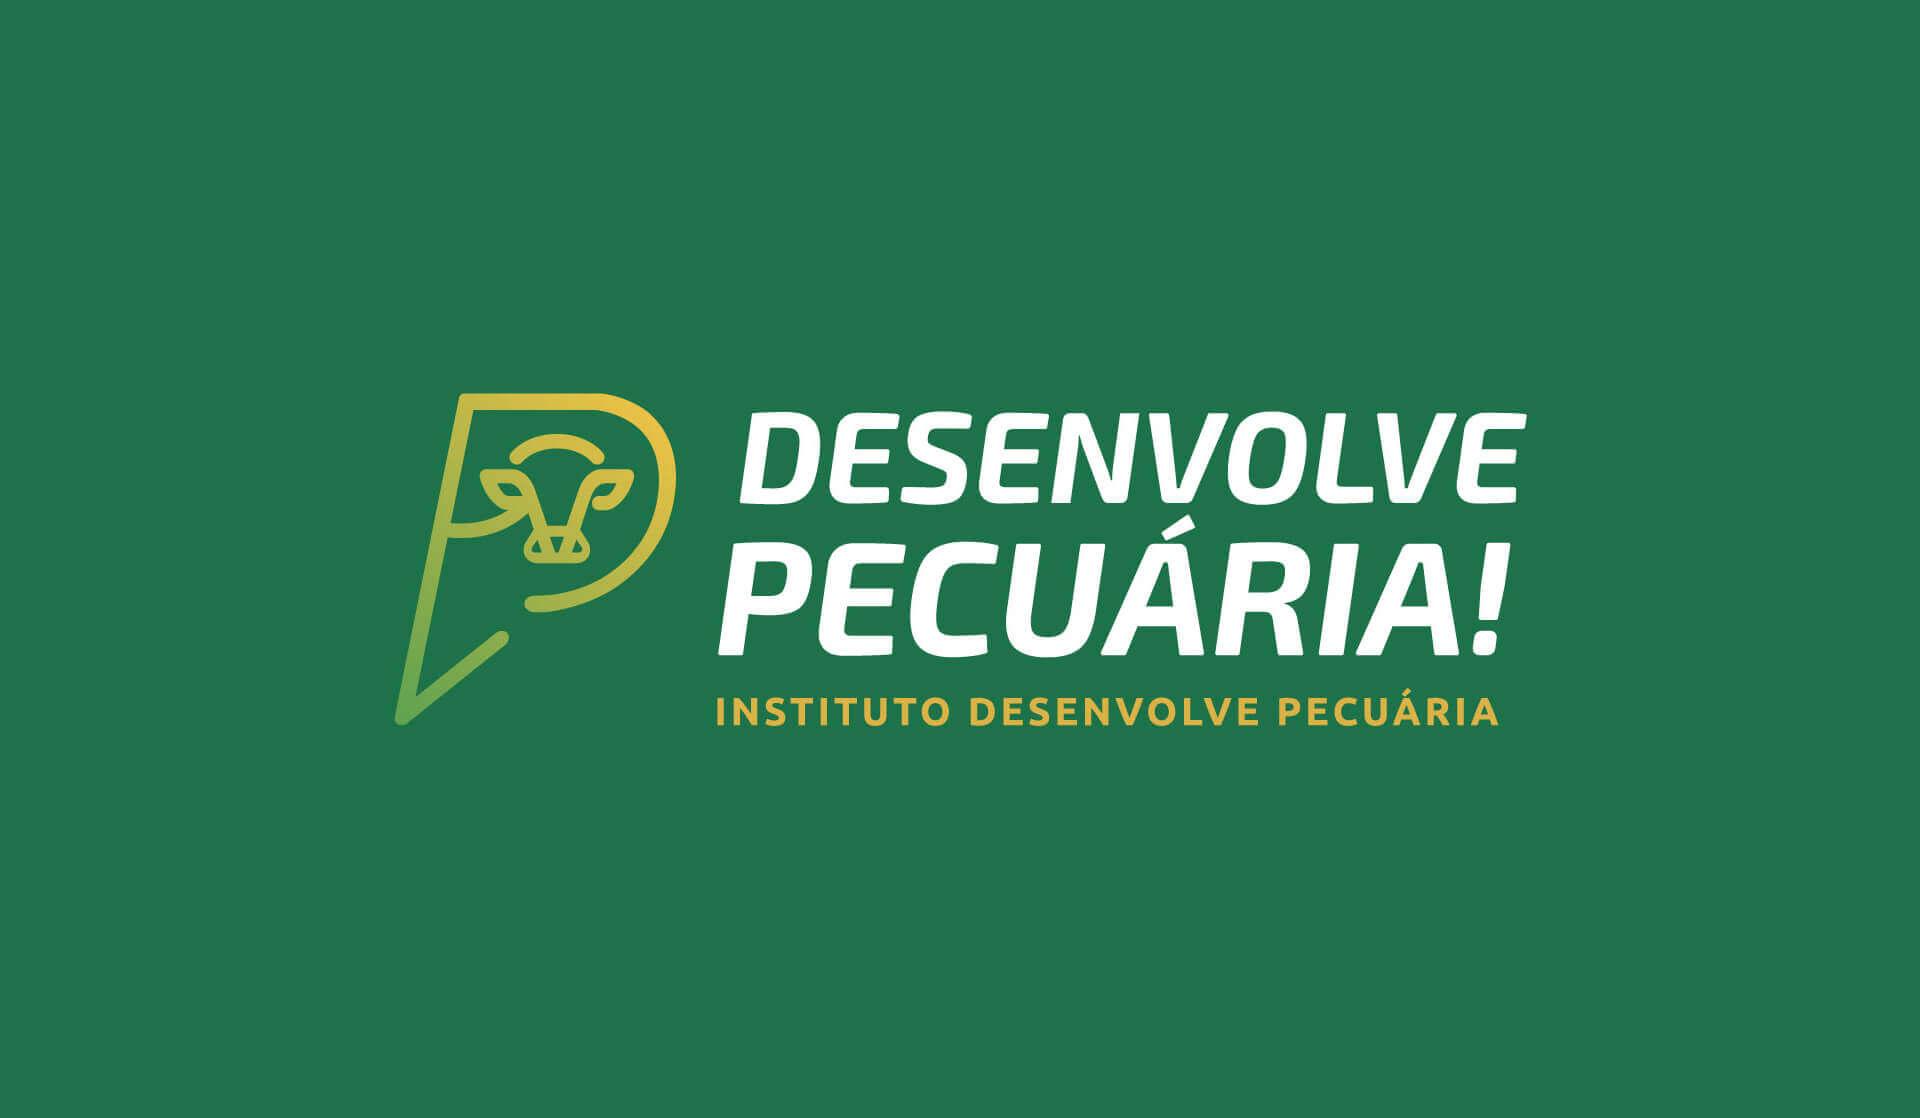 aplicação principal da marca do Instituto Desenvolve Pecuária Bedez Comunicação